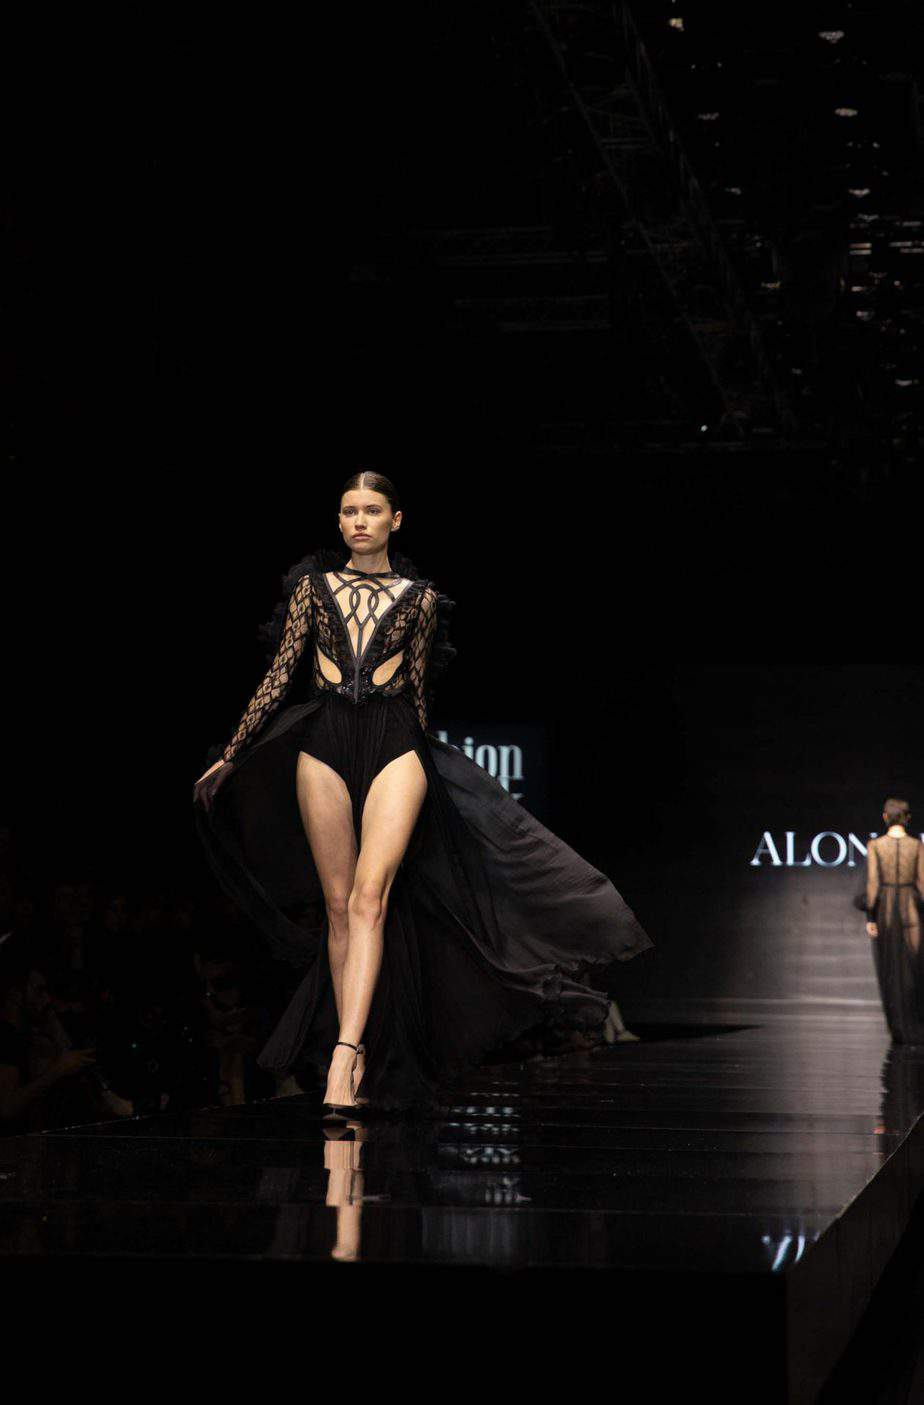 אלון ליבנה. שבוע האופנה תל אביב 2019. צילום עומר קפלן - 1